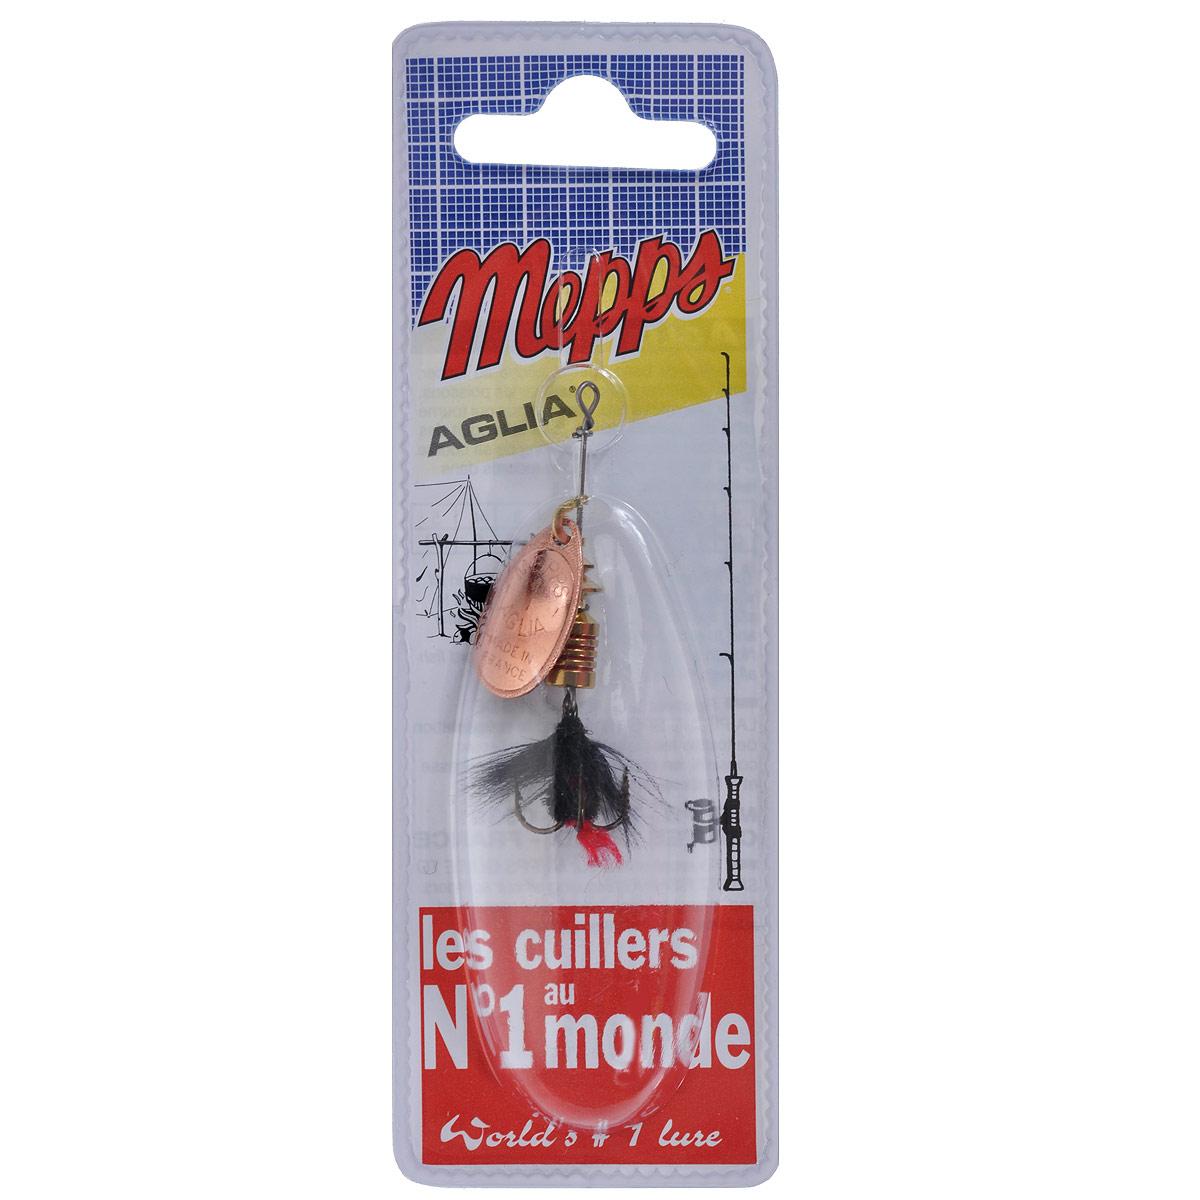 Блесна Mepps Aglia CU Mouch. Noire, вращающаяся, №15753Вращающаяся блесна Mepps Aglia CU Mouch. Noire оснащена мушкой из натурального беличьего хвоста, это очень эффективные приманки для ловли жереха, голавля, язя, окуня и других видов рыб, особенно в периоды массового вылета насекомых. Aglia Mouche - некрупная блесна, которая особенно подходит для летней ловли рыбы (особенно осторожной) на мелководье.